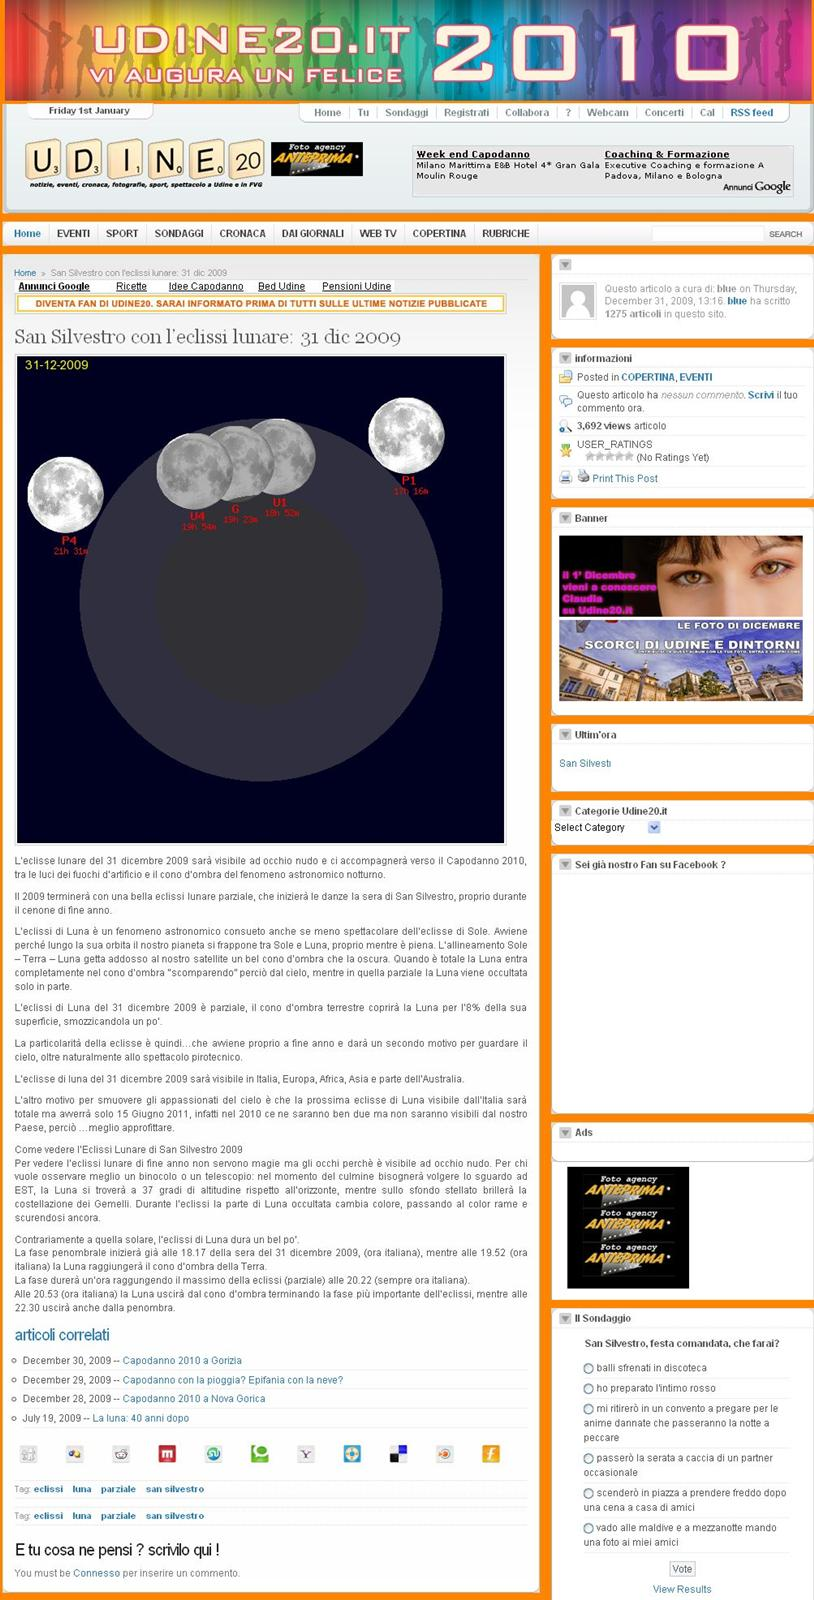 clone+eclissi+lunare+udine